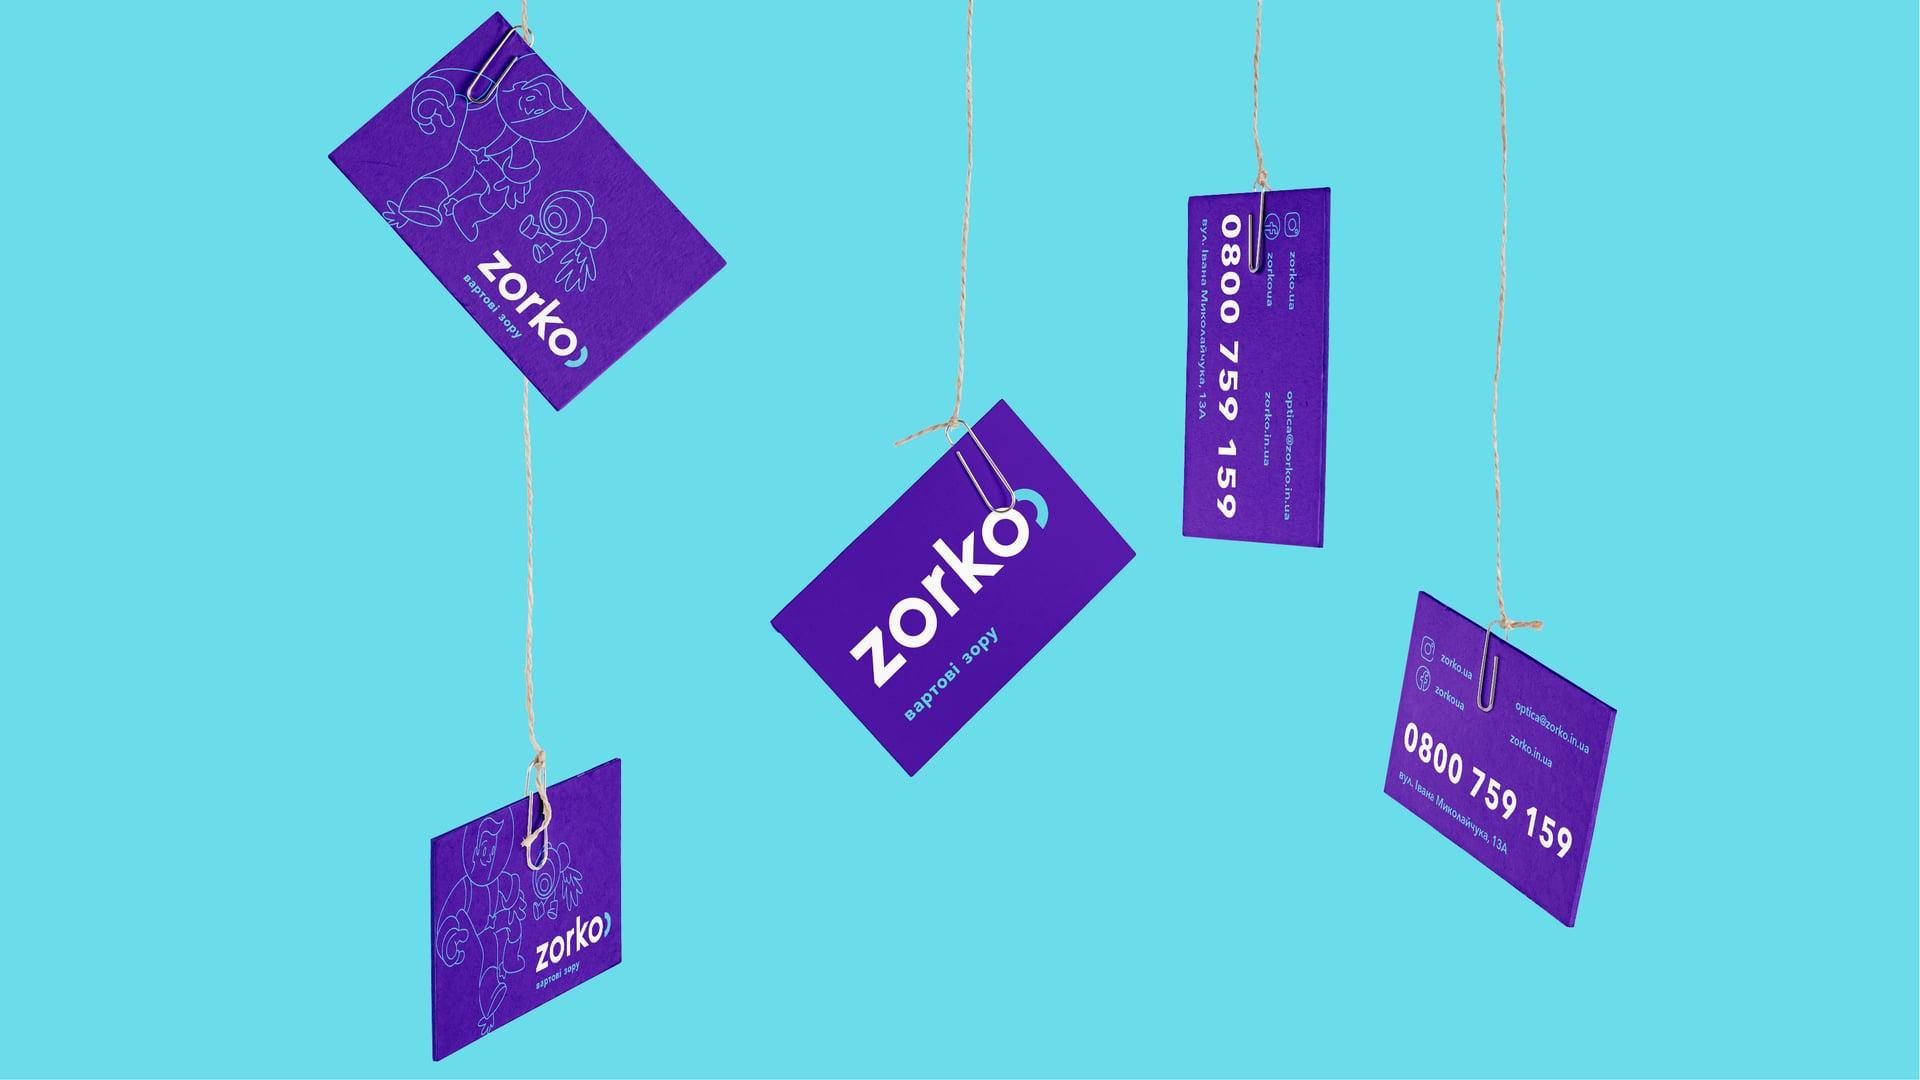 gra brand design zorko 7